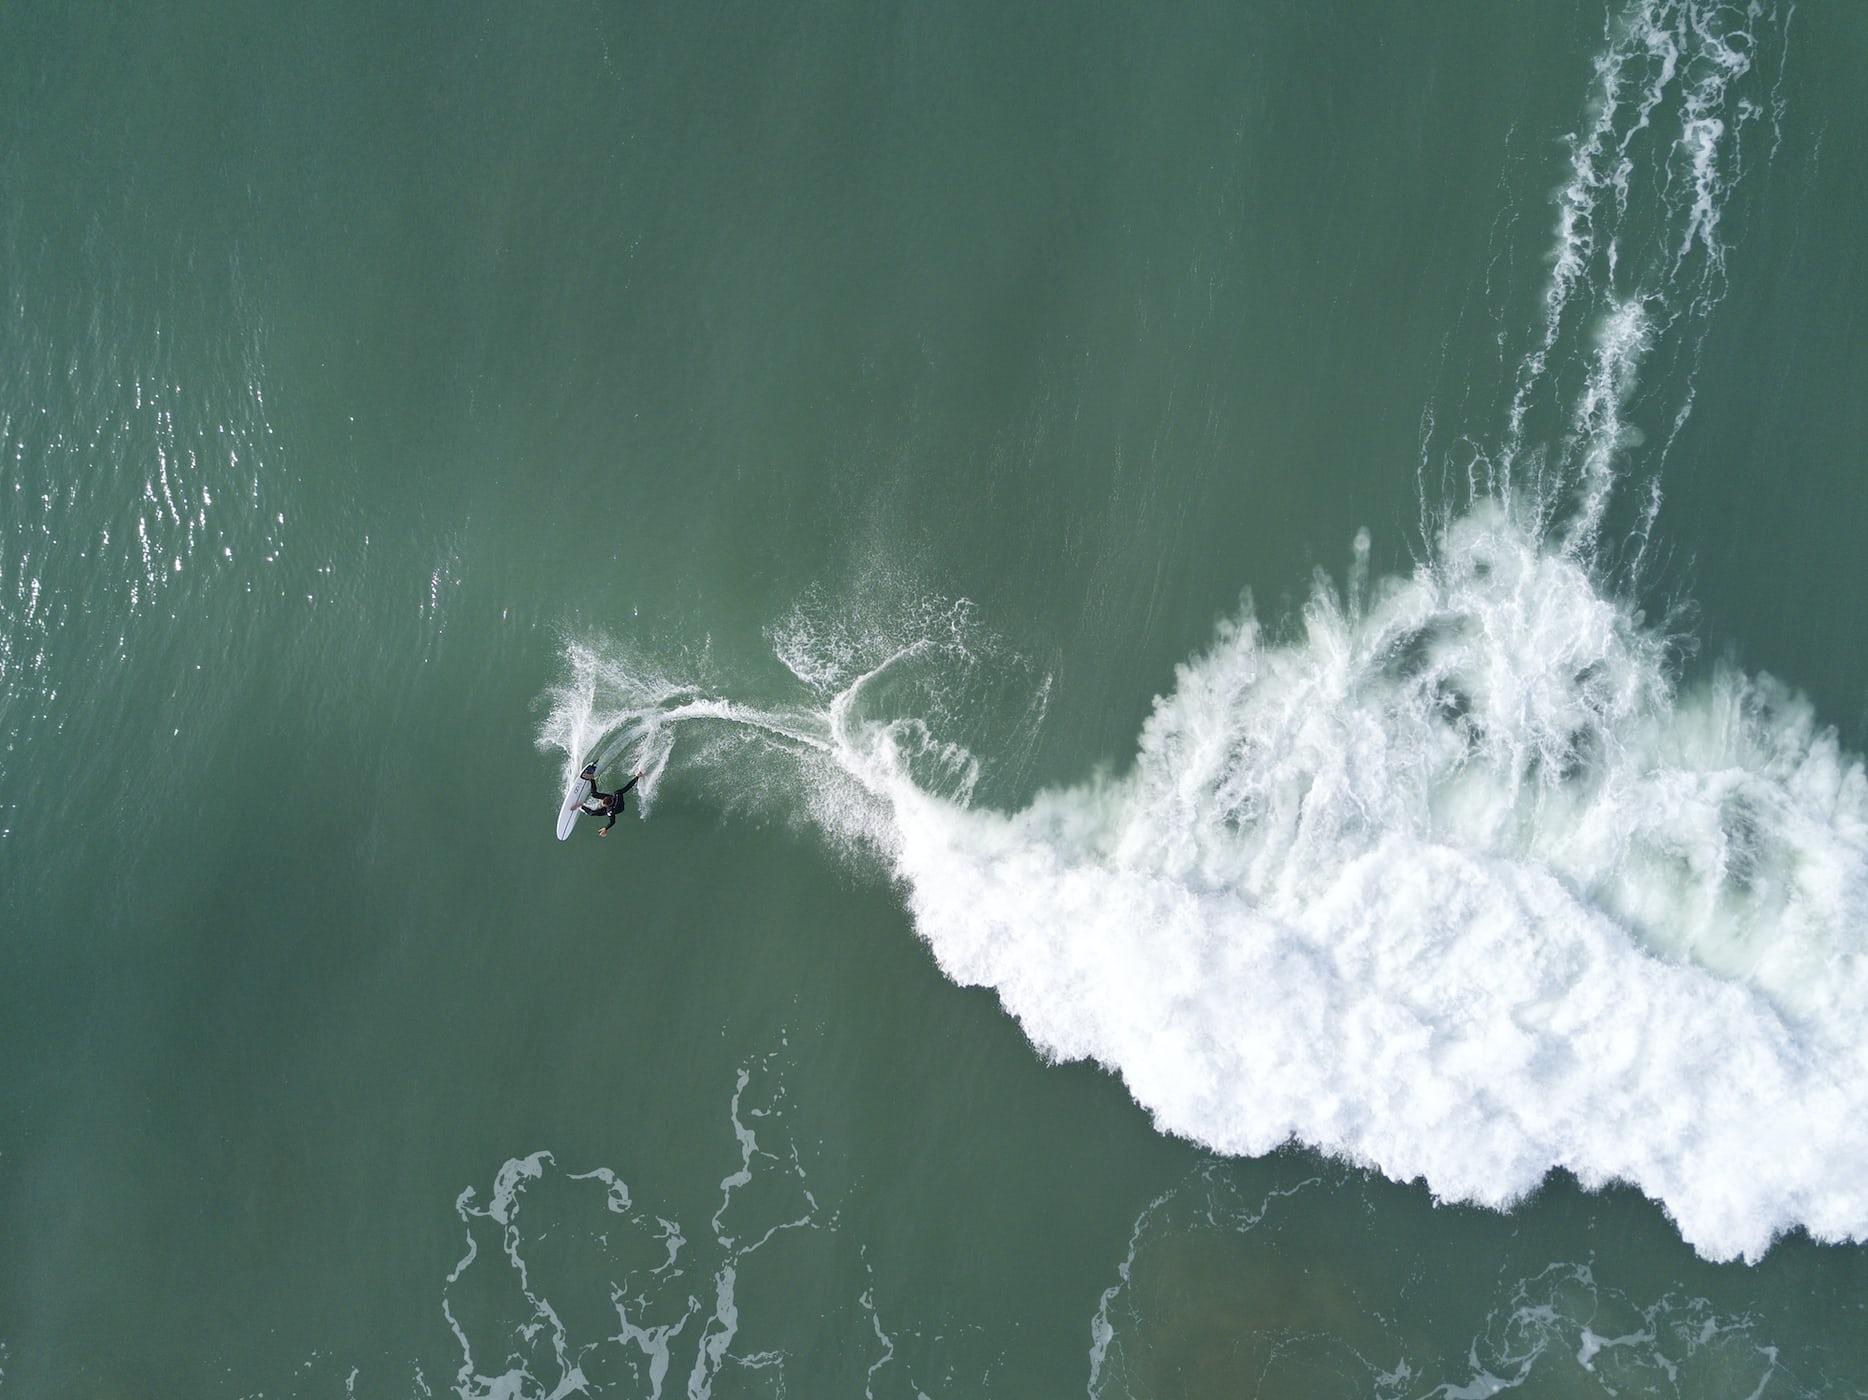 Landing Image